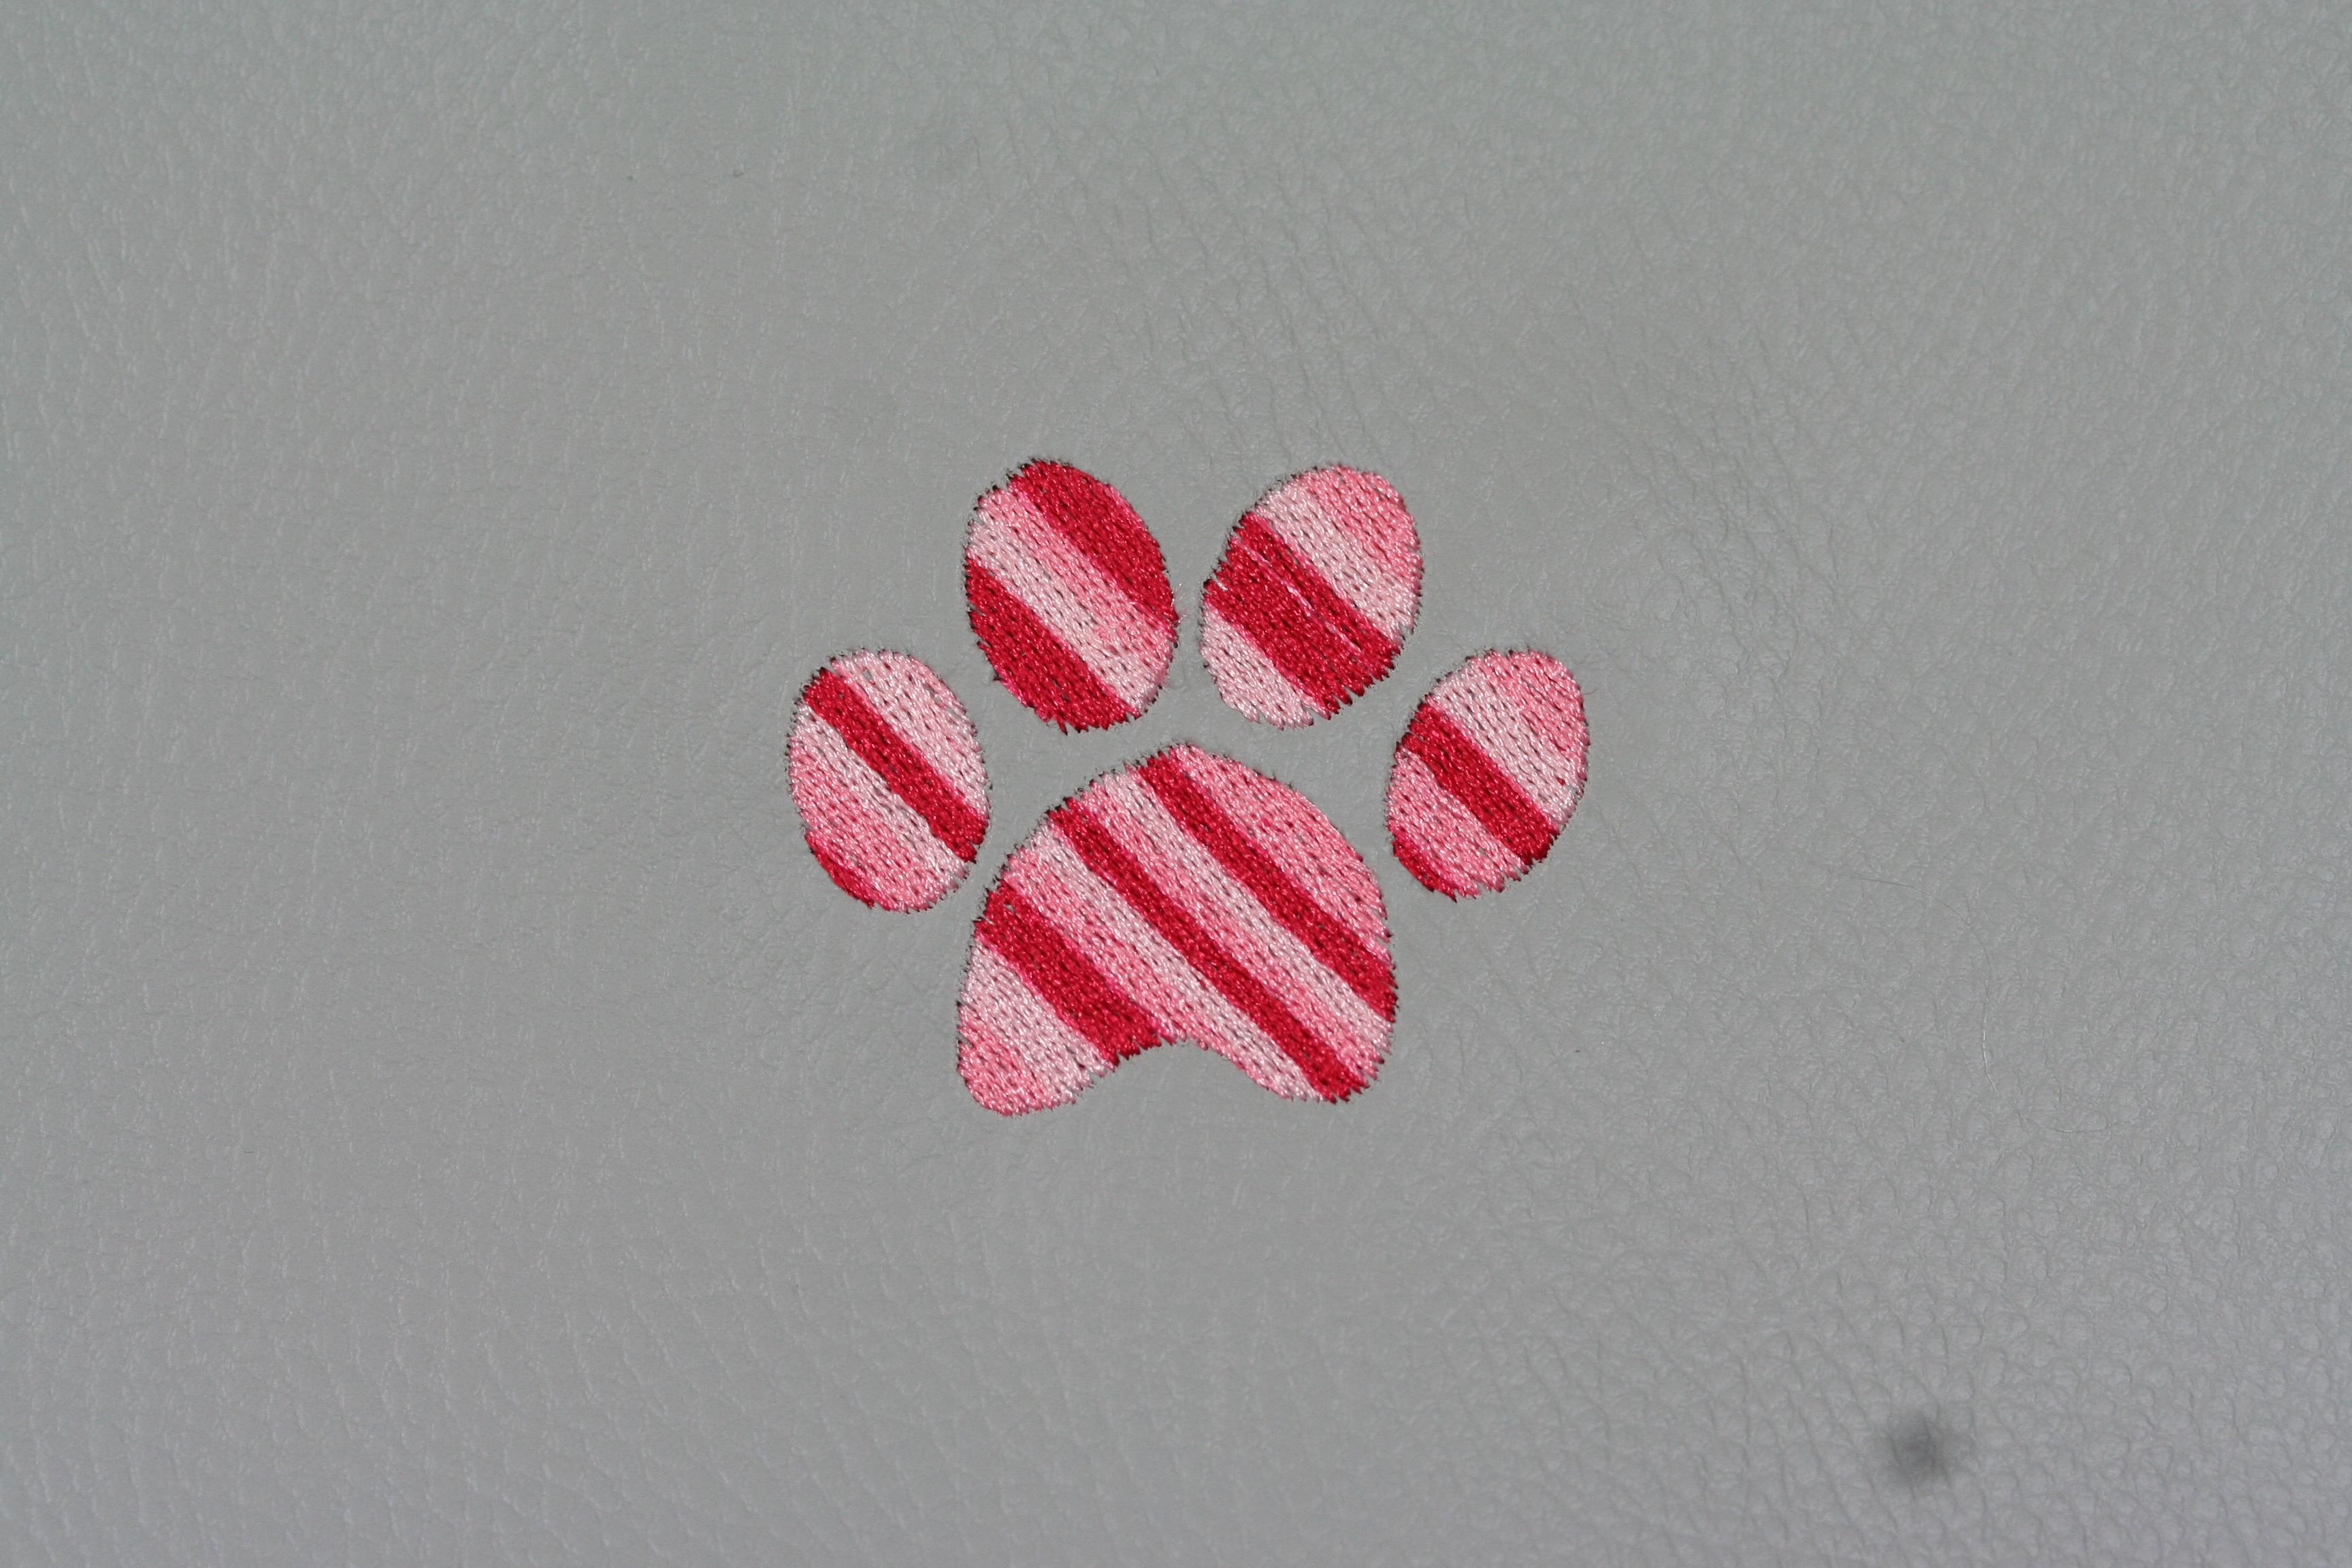 Multicolor-2856-Rosa-Rot